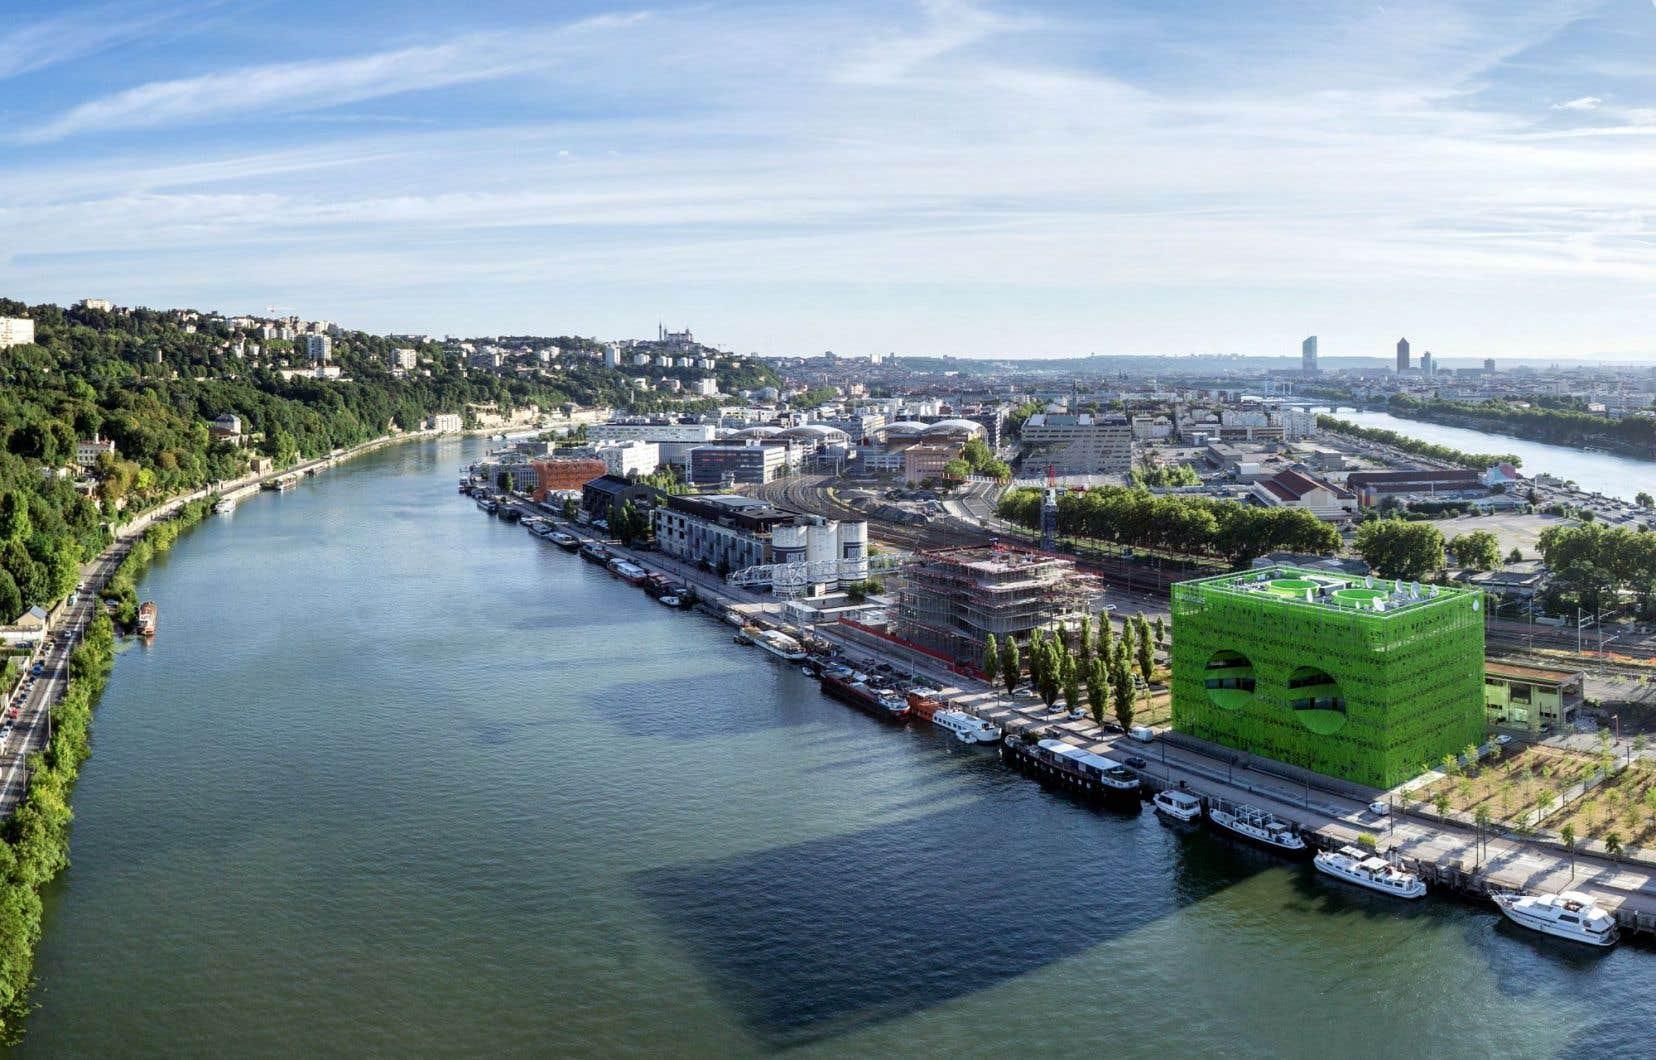 Le quartier Confluence se situe sur la presqu'île de Lyon (France), proche de la confluence du Rhône et de la Saône. Voué depuis toujours aux activités industrielles, portuaires et au marché de gros, ce quartier a radicalement avec l'ouverture d'un musée, la construction d'immeubles d'habitation et le prolongement des lignes de transport en commun.